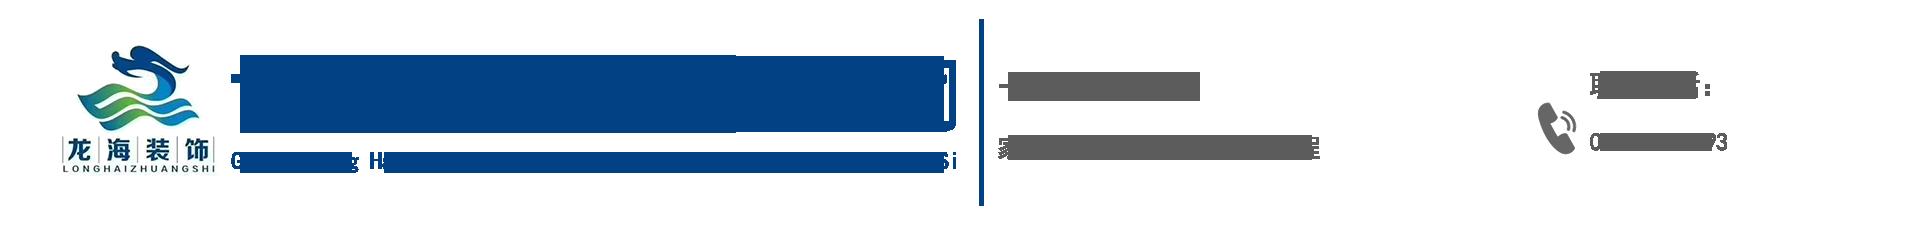 甘肃龙海建筑装饰公司